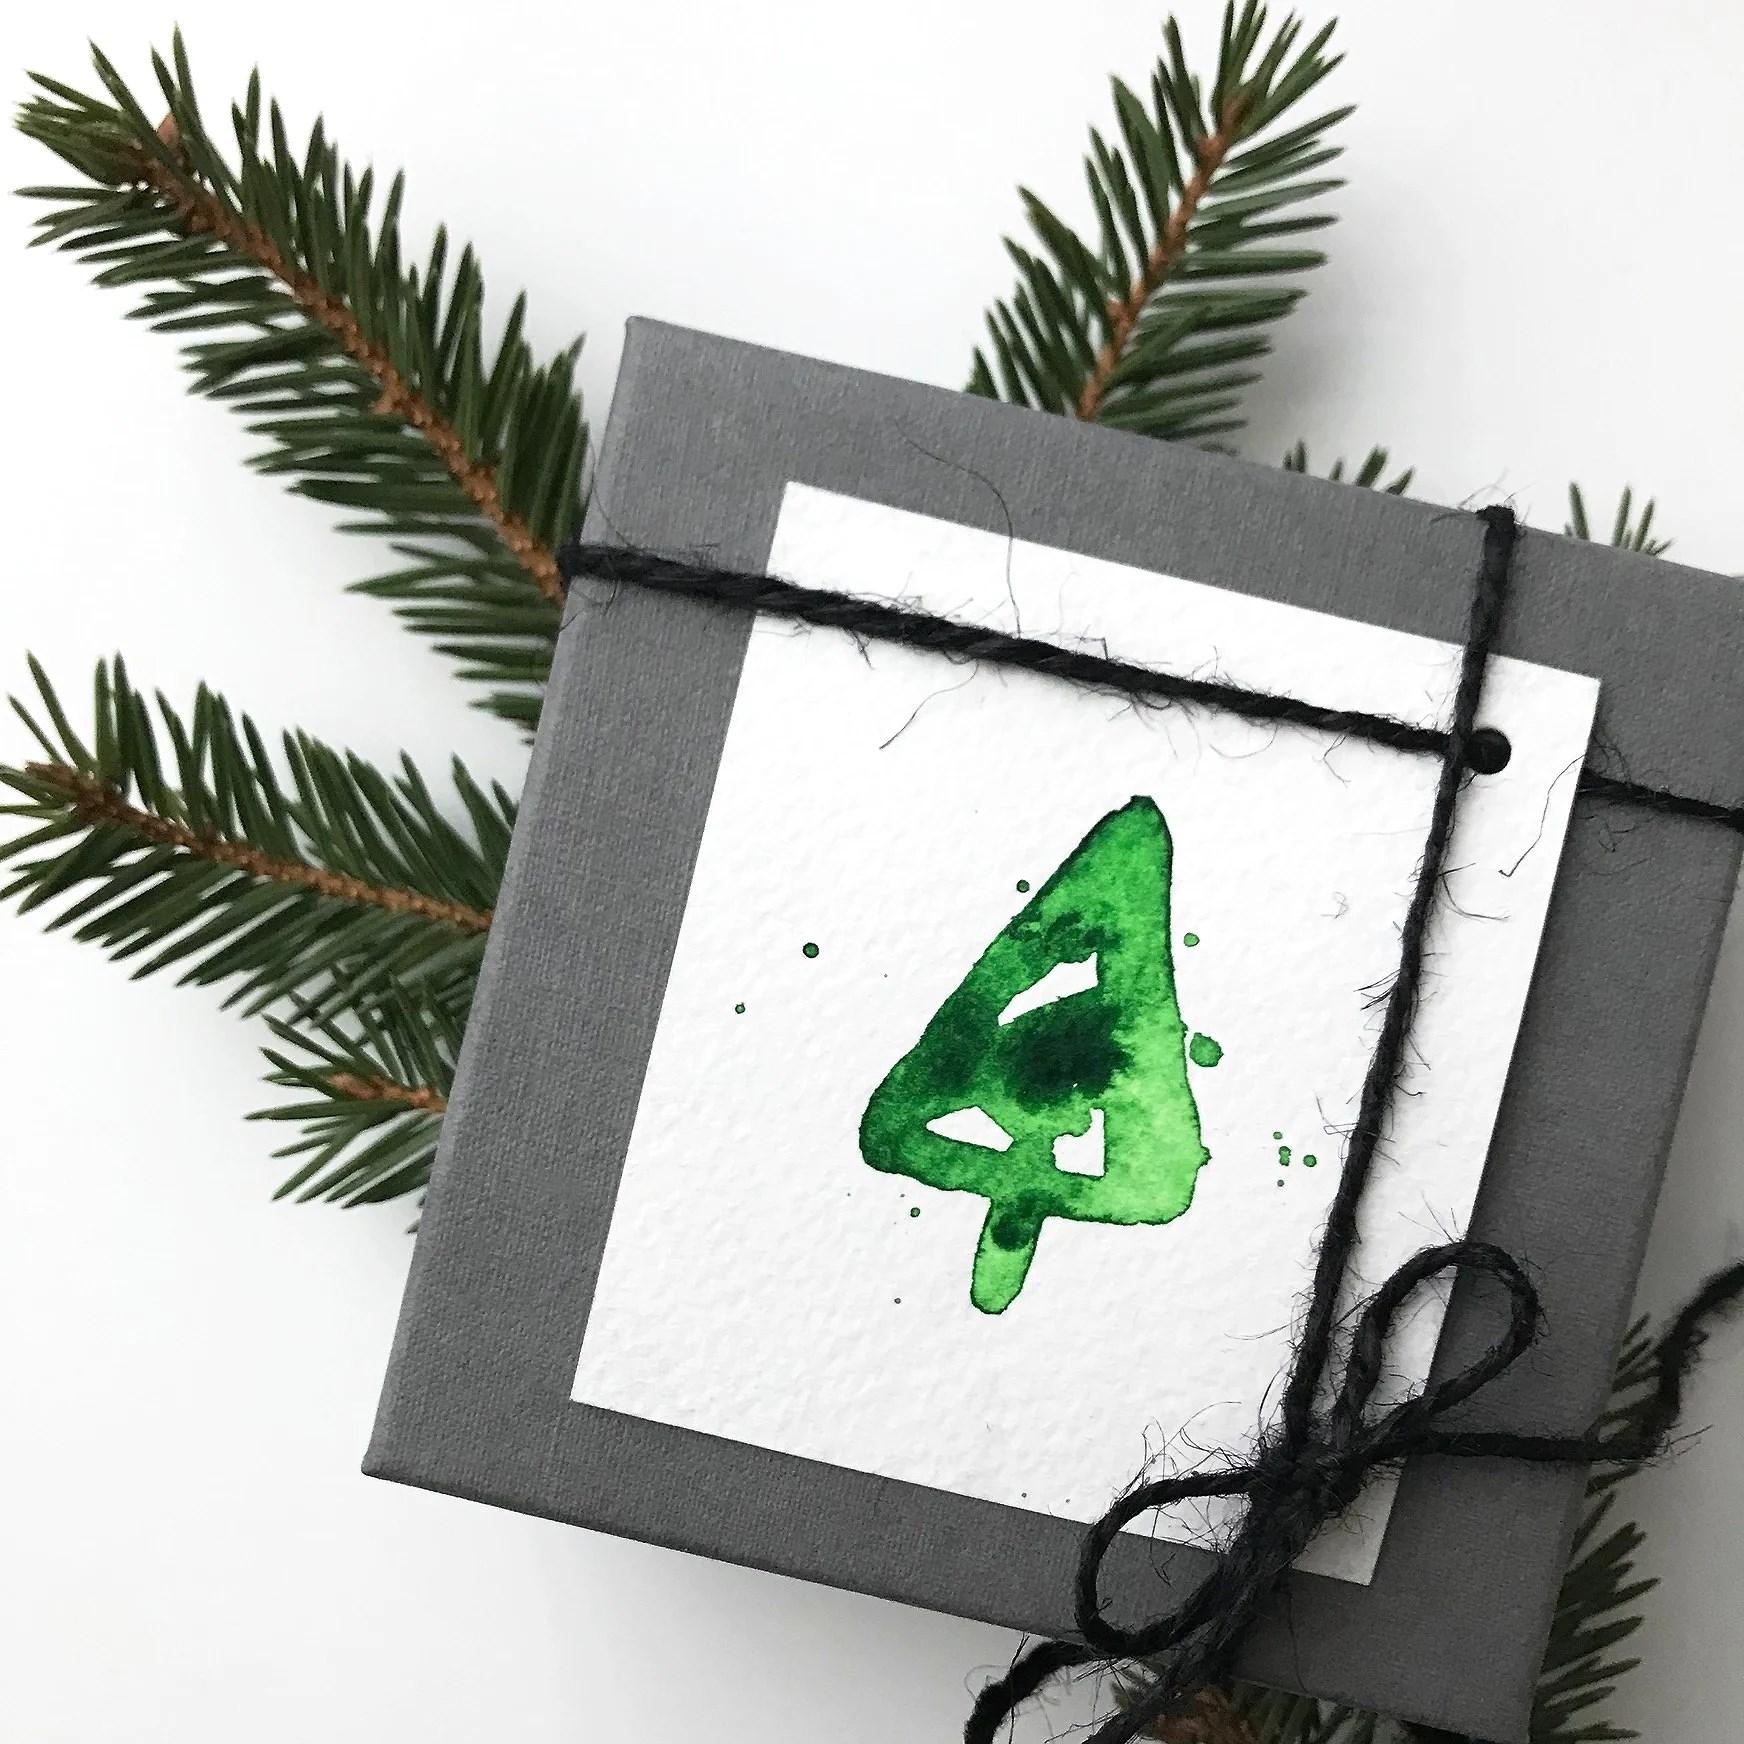 Hållbar jul. Paketinslagning. Miljötänk. DIY. Slå in julklappar